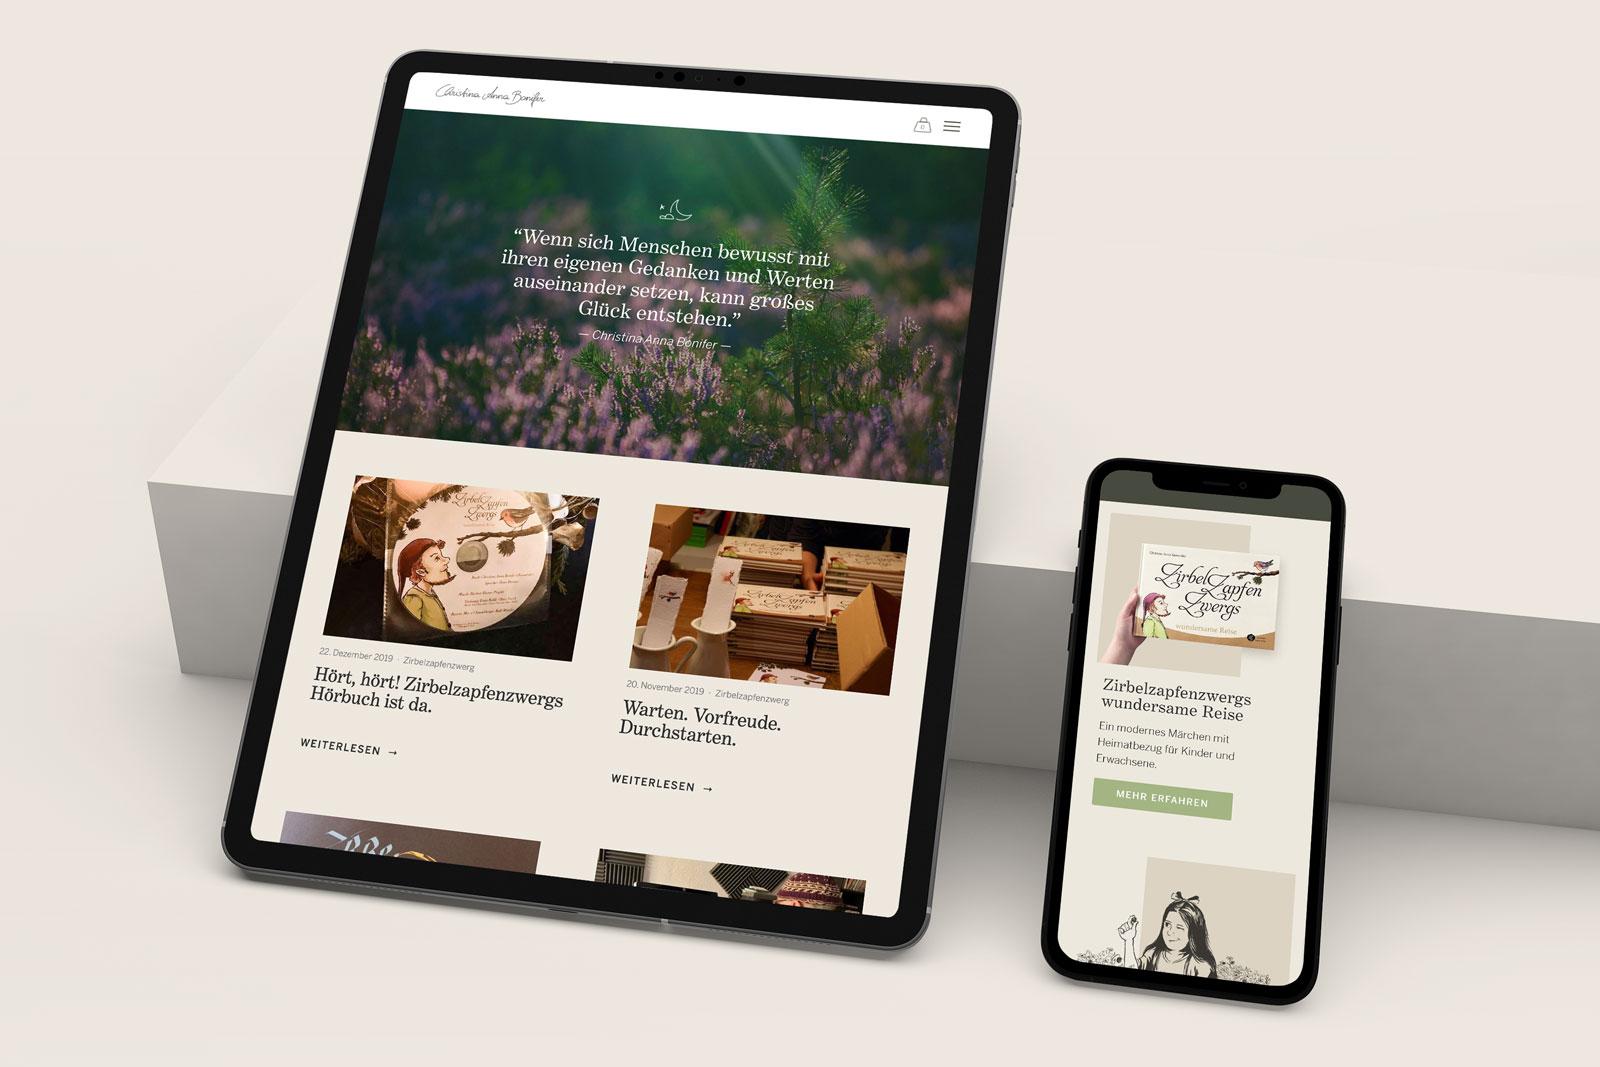 Webdesign gestalten lassen mit Online Shop und Logo Design